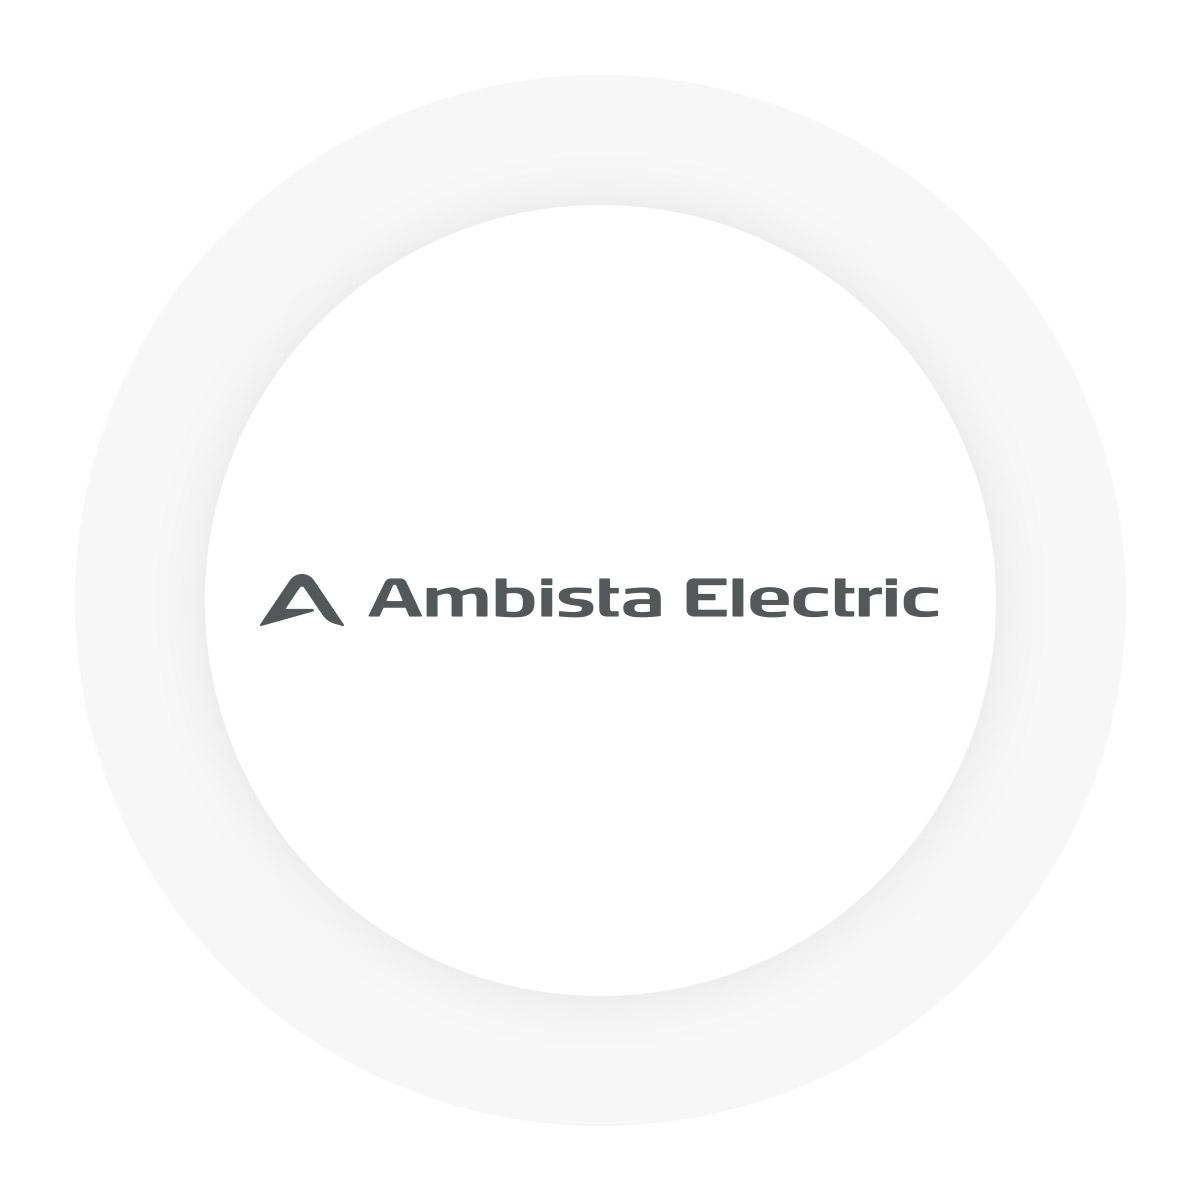 Optimerade värmepumpar - Ambista Electric fokuserar på ett mindre urval av modeller med högre funktionalitet.